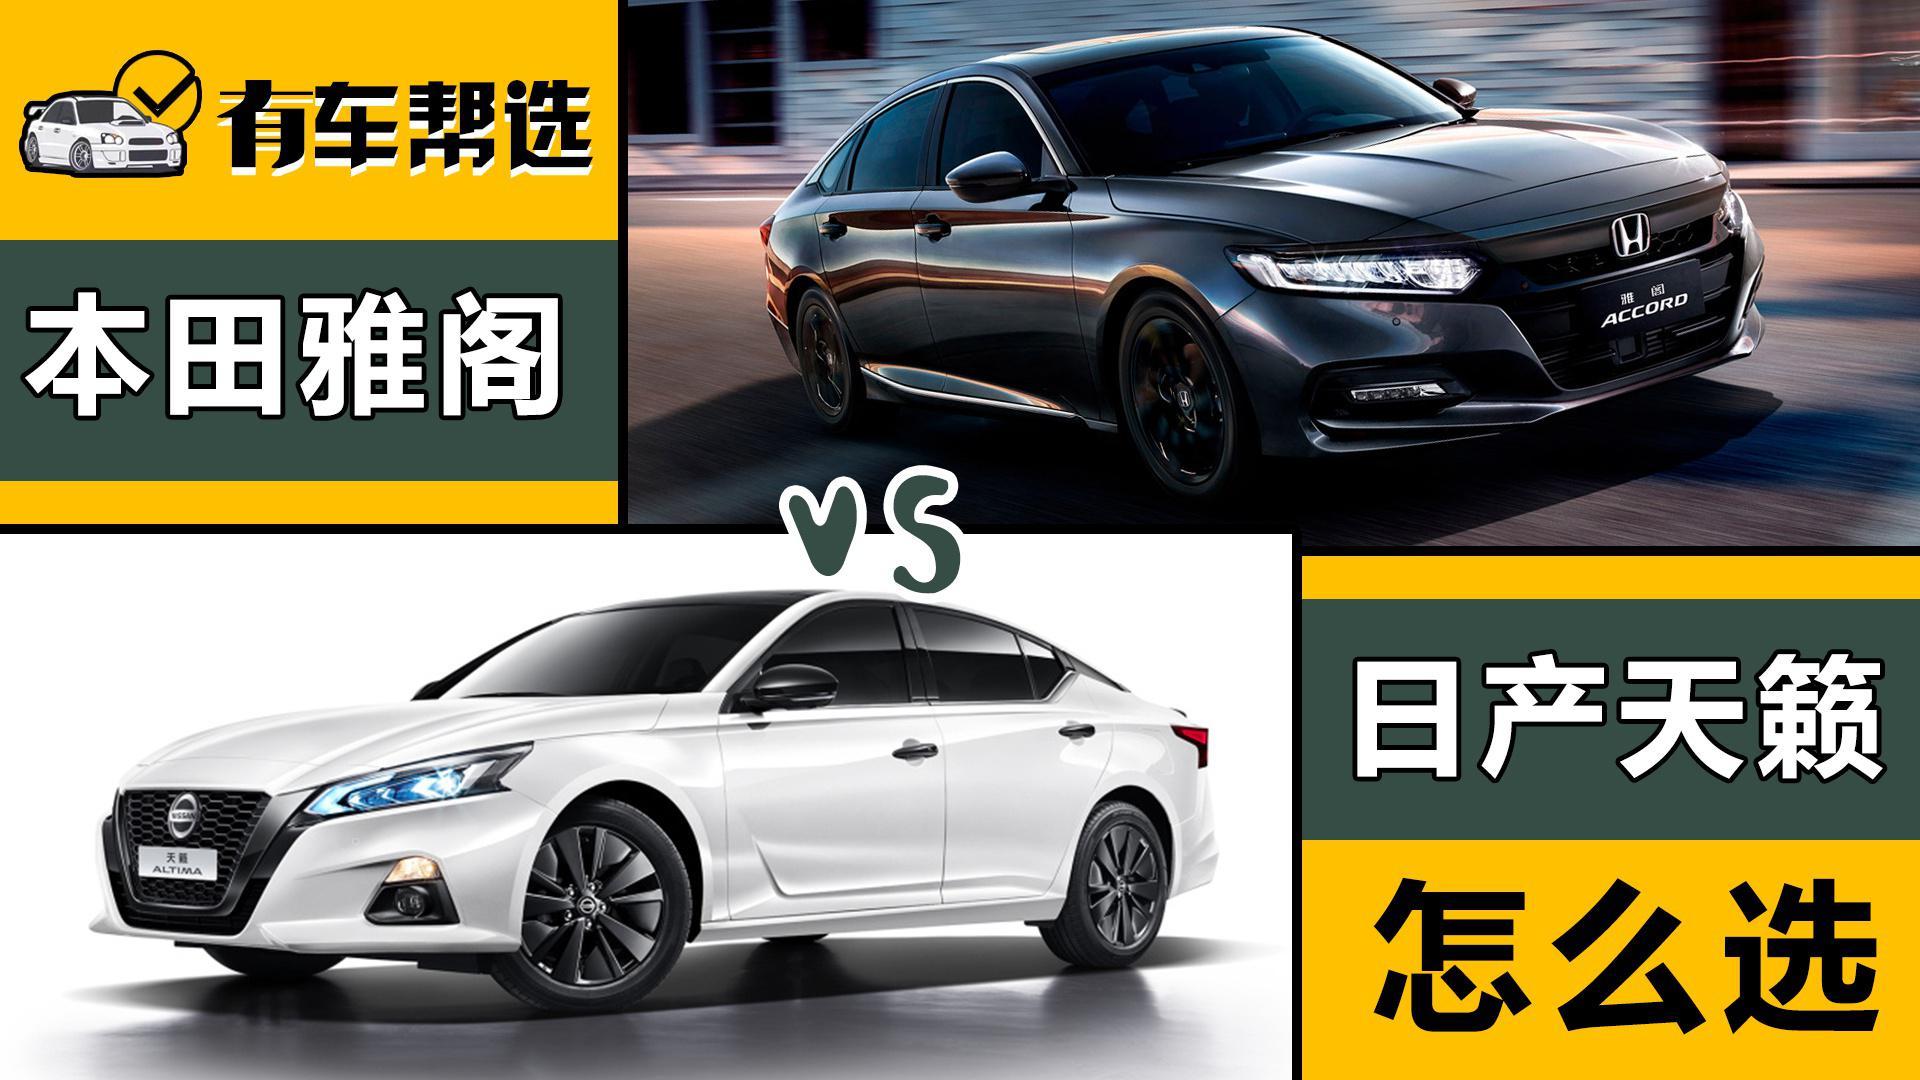 视频:日系家轿的巅峰对决日产天籁和本田雅阁该如何选择?